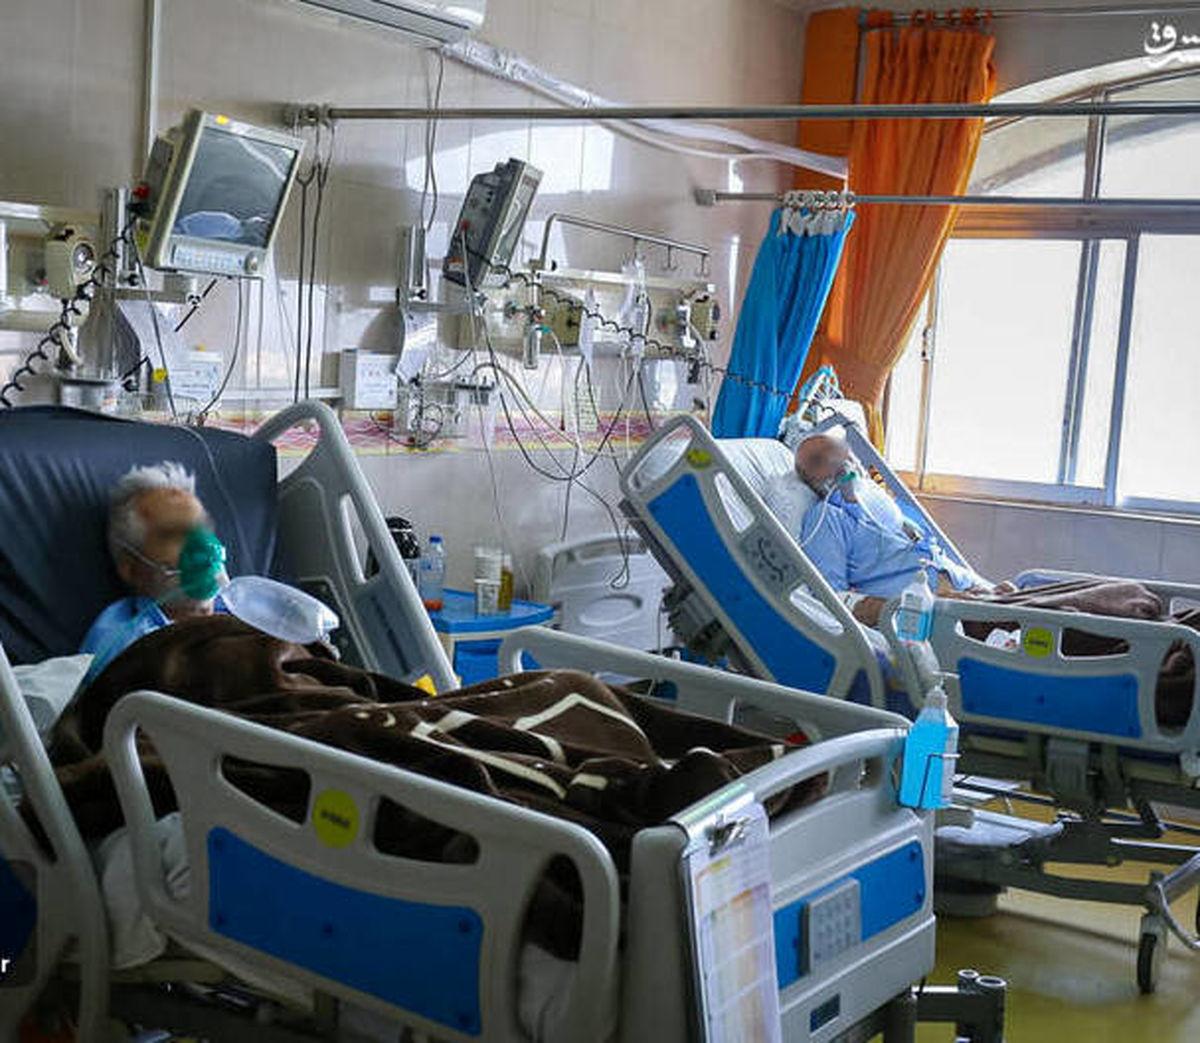 ماجرای قطعی برق بیمارستان و مرگ بیماران کرونایی